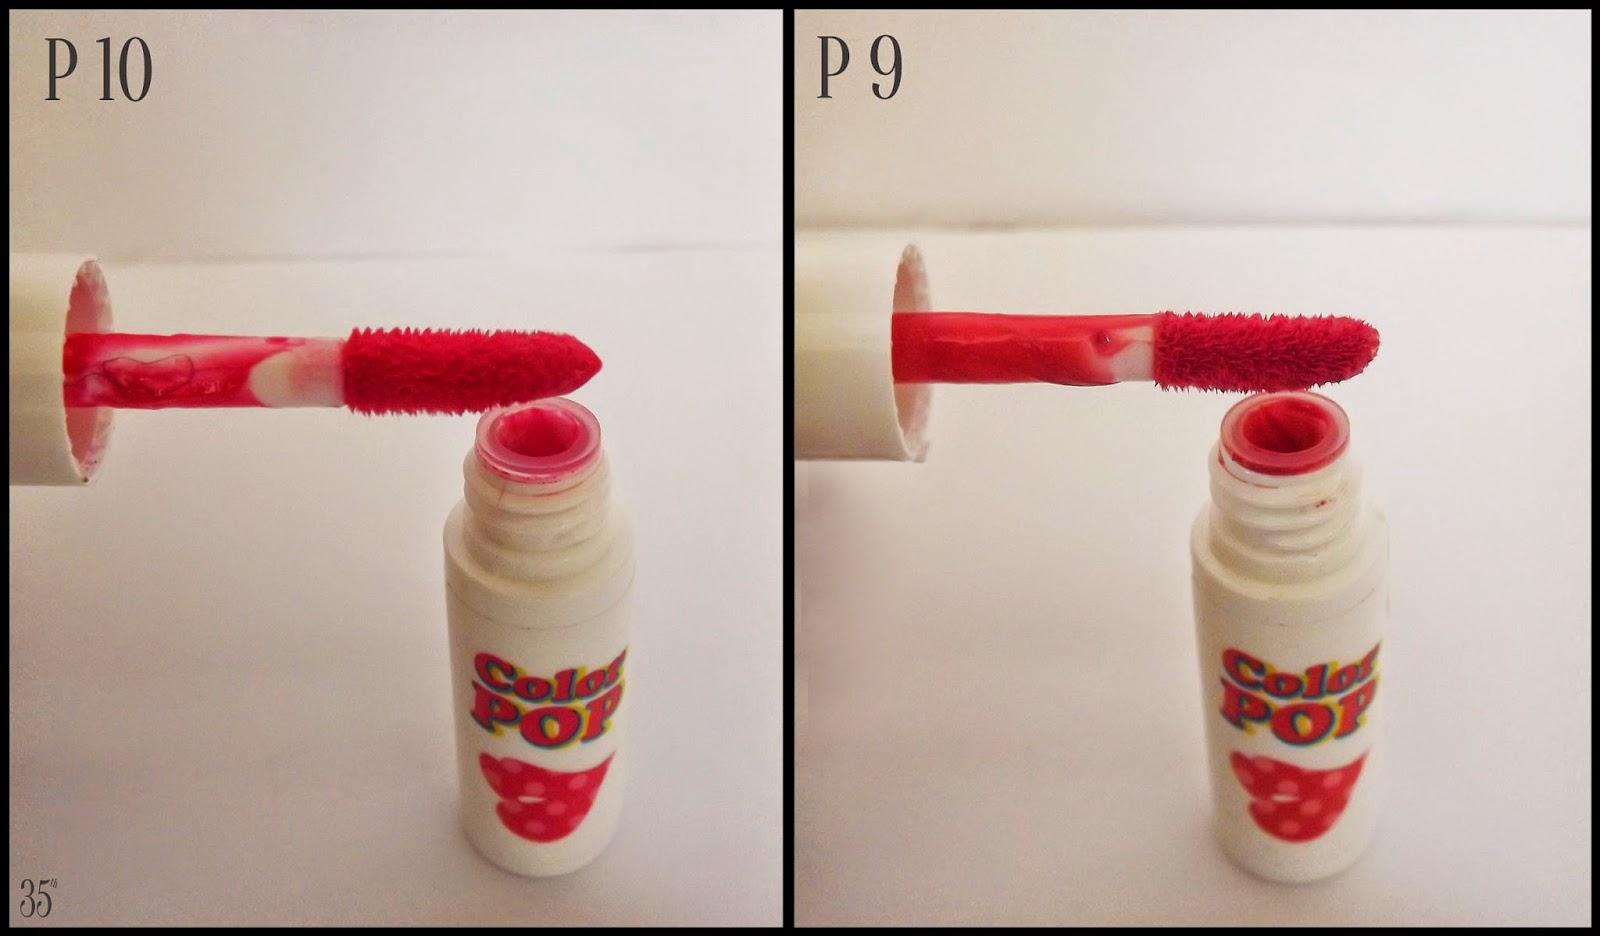 Etude House Mini Color Pop Tint comparison P10, P9